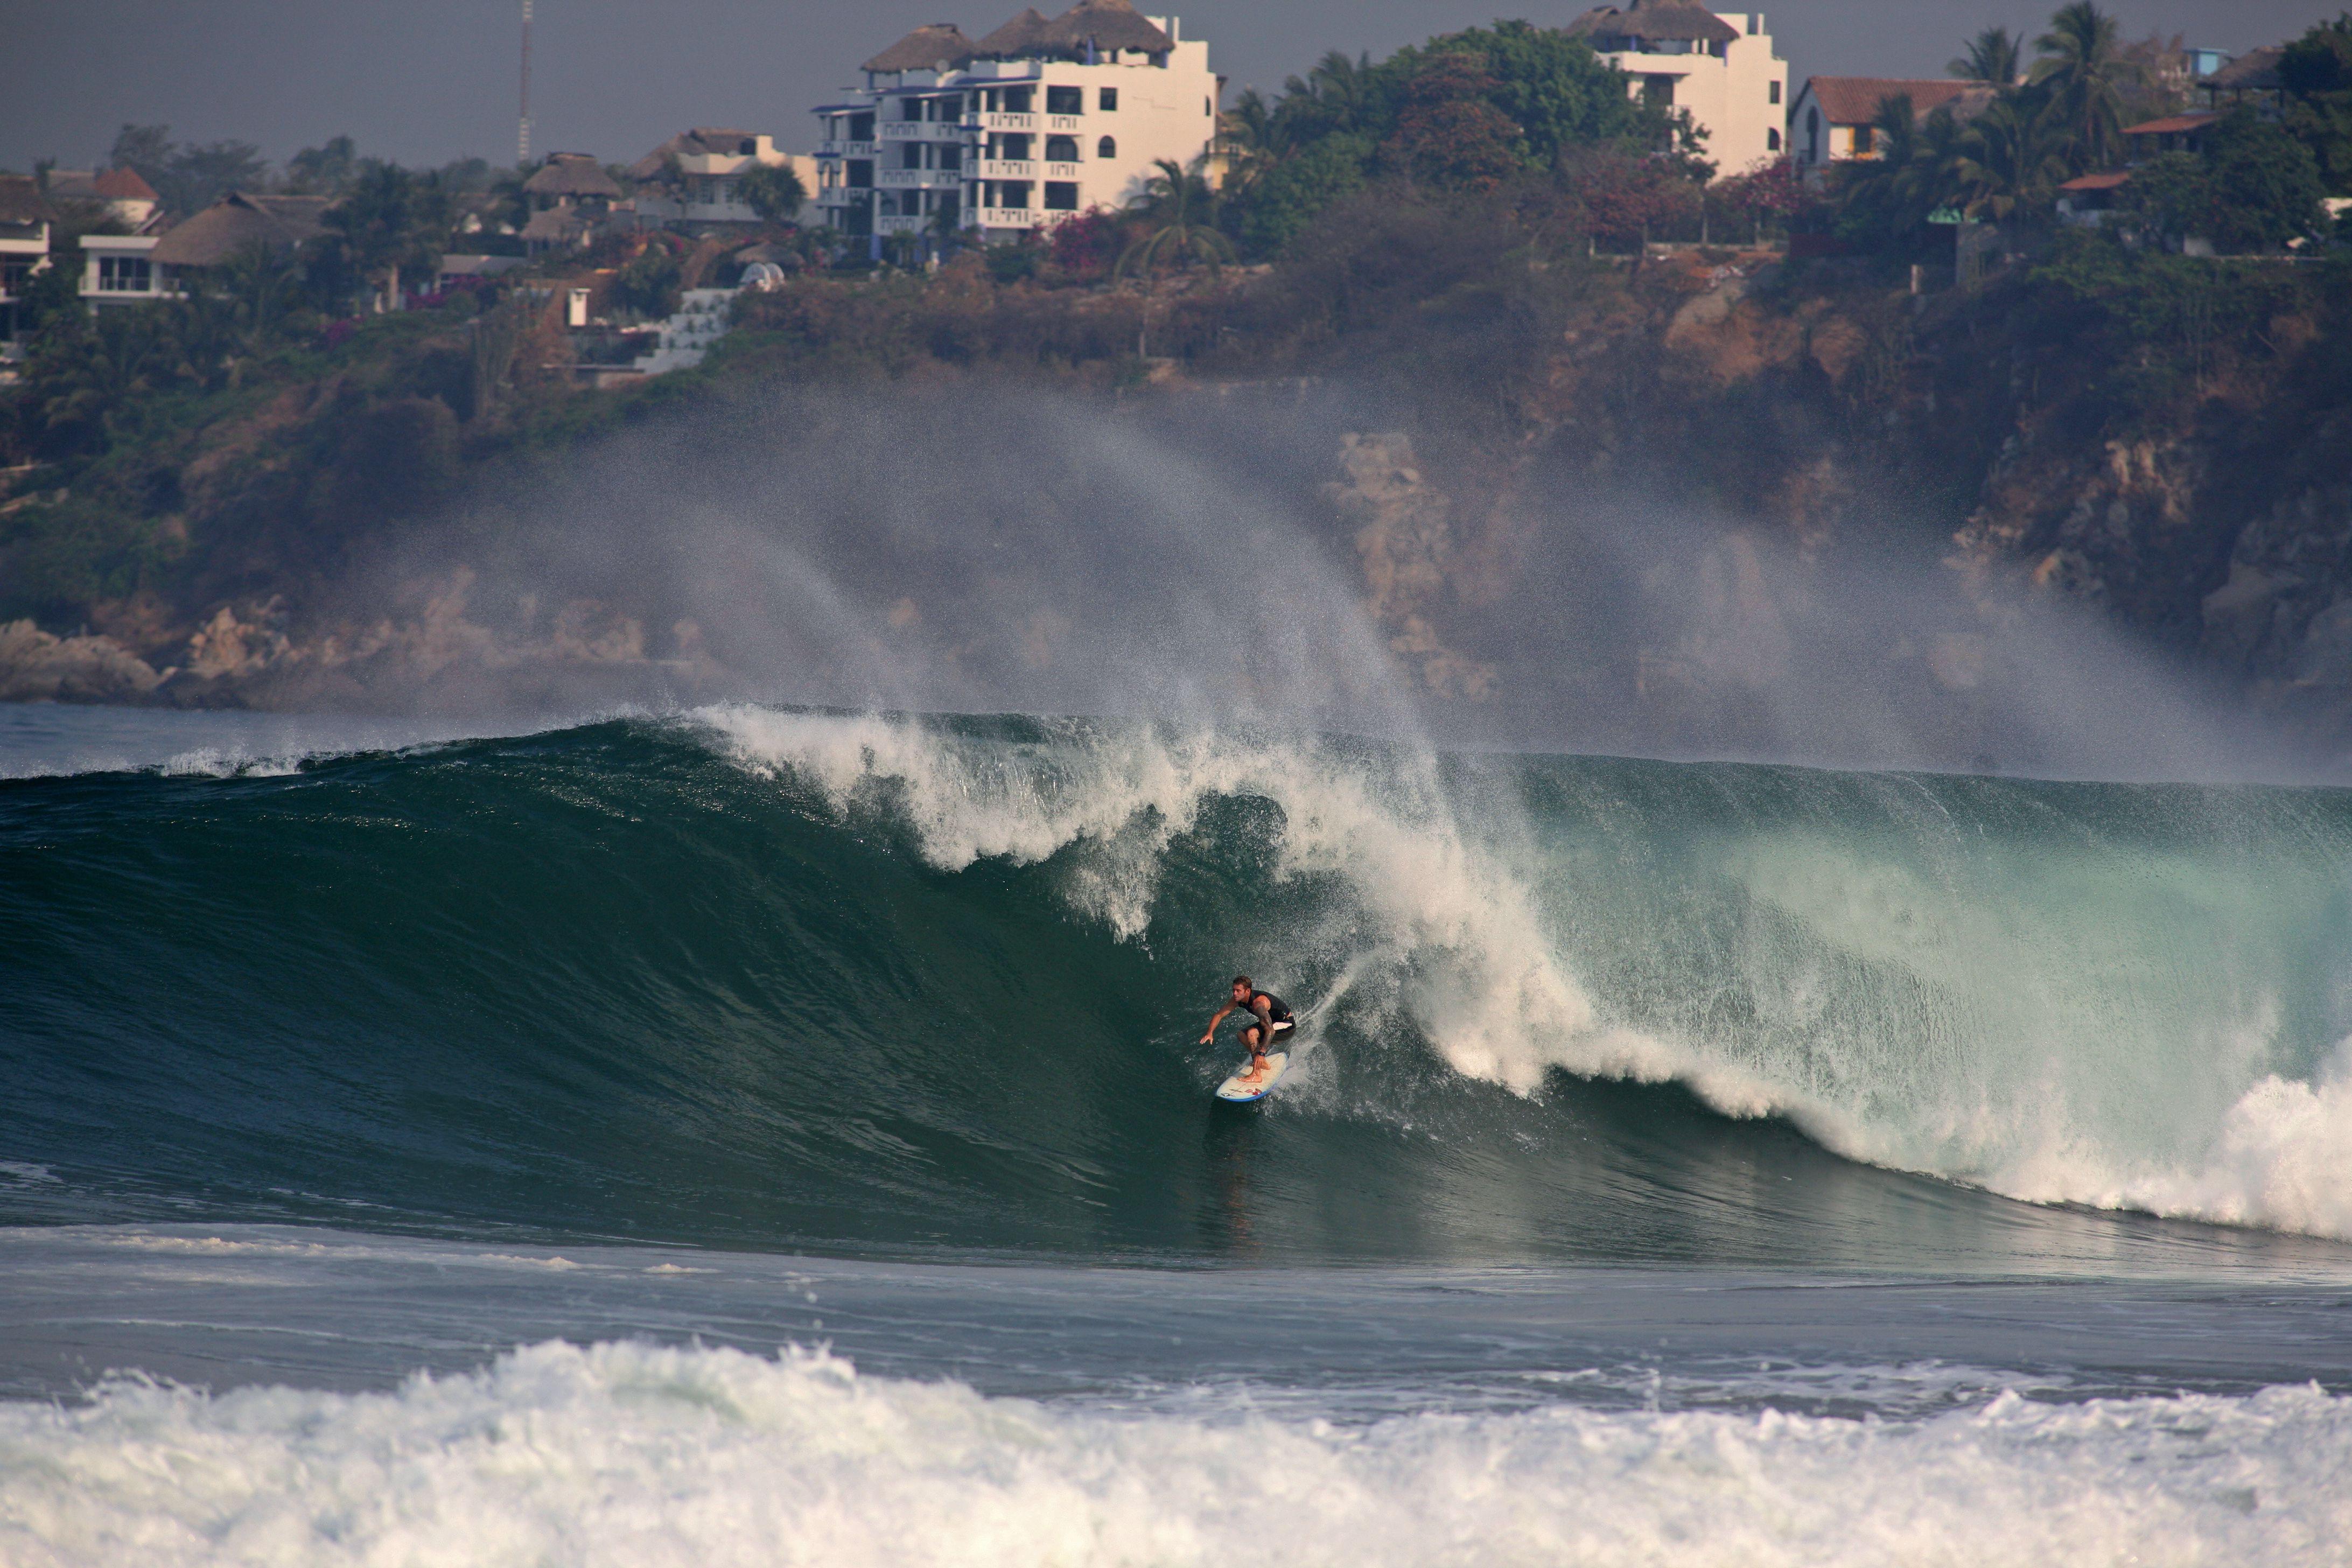 Surfista en una gran ola en Zicatela Beach, famosa playa de surf también conocida como Mexican Pipeline